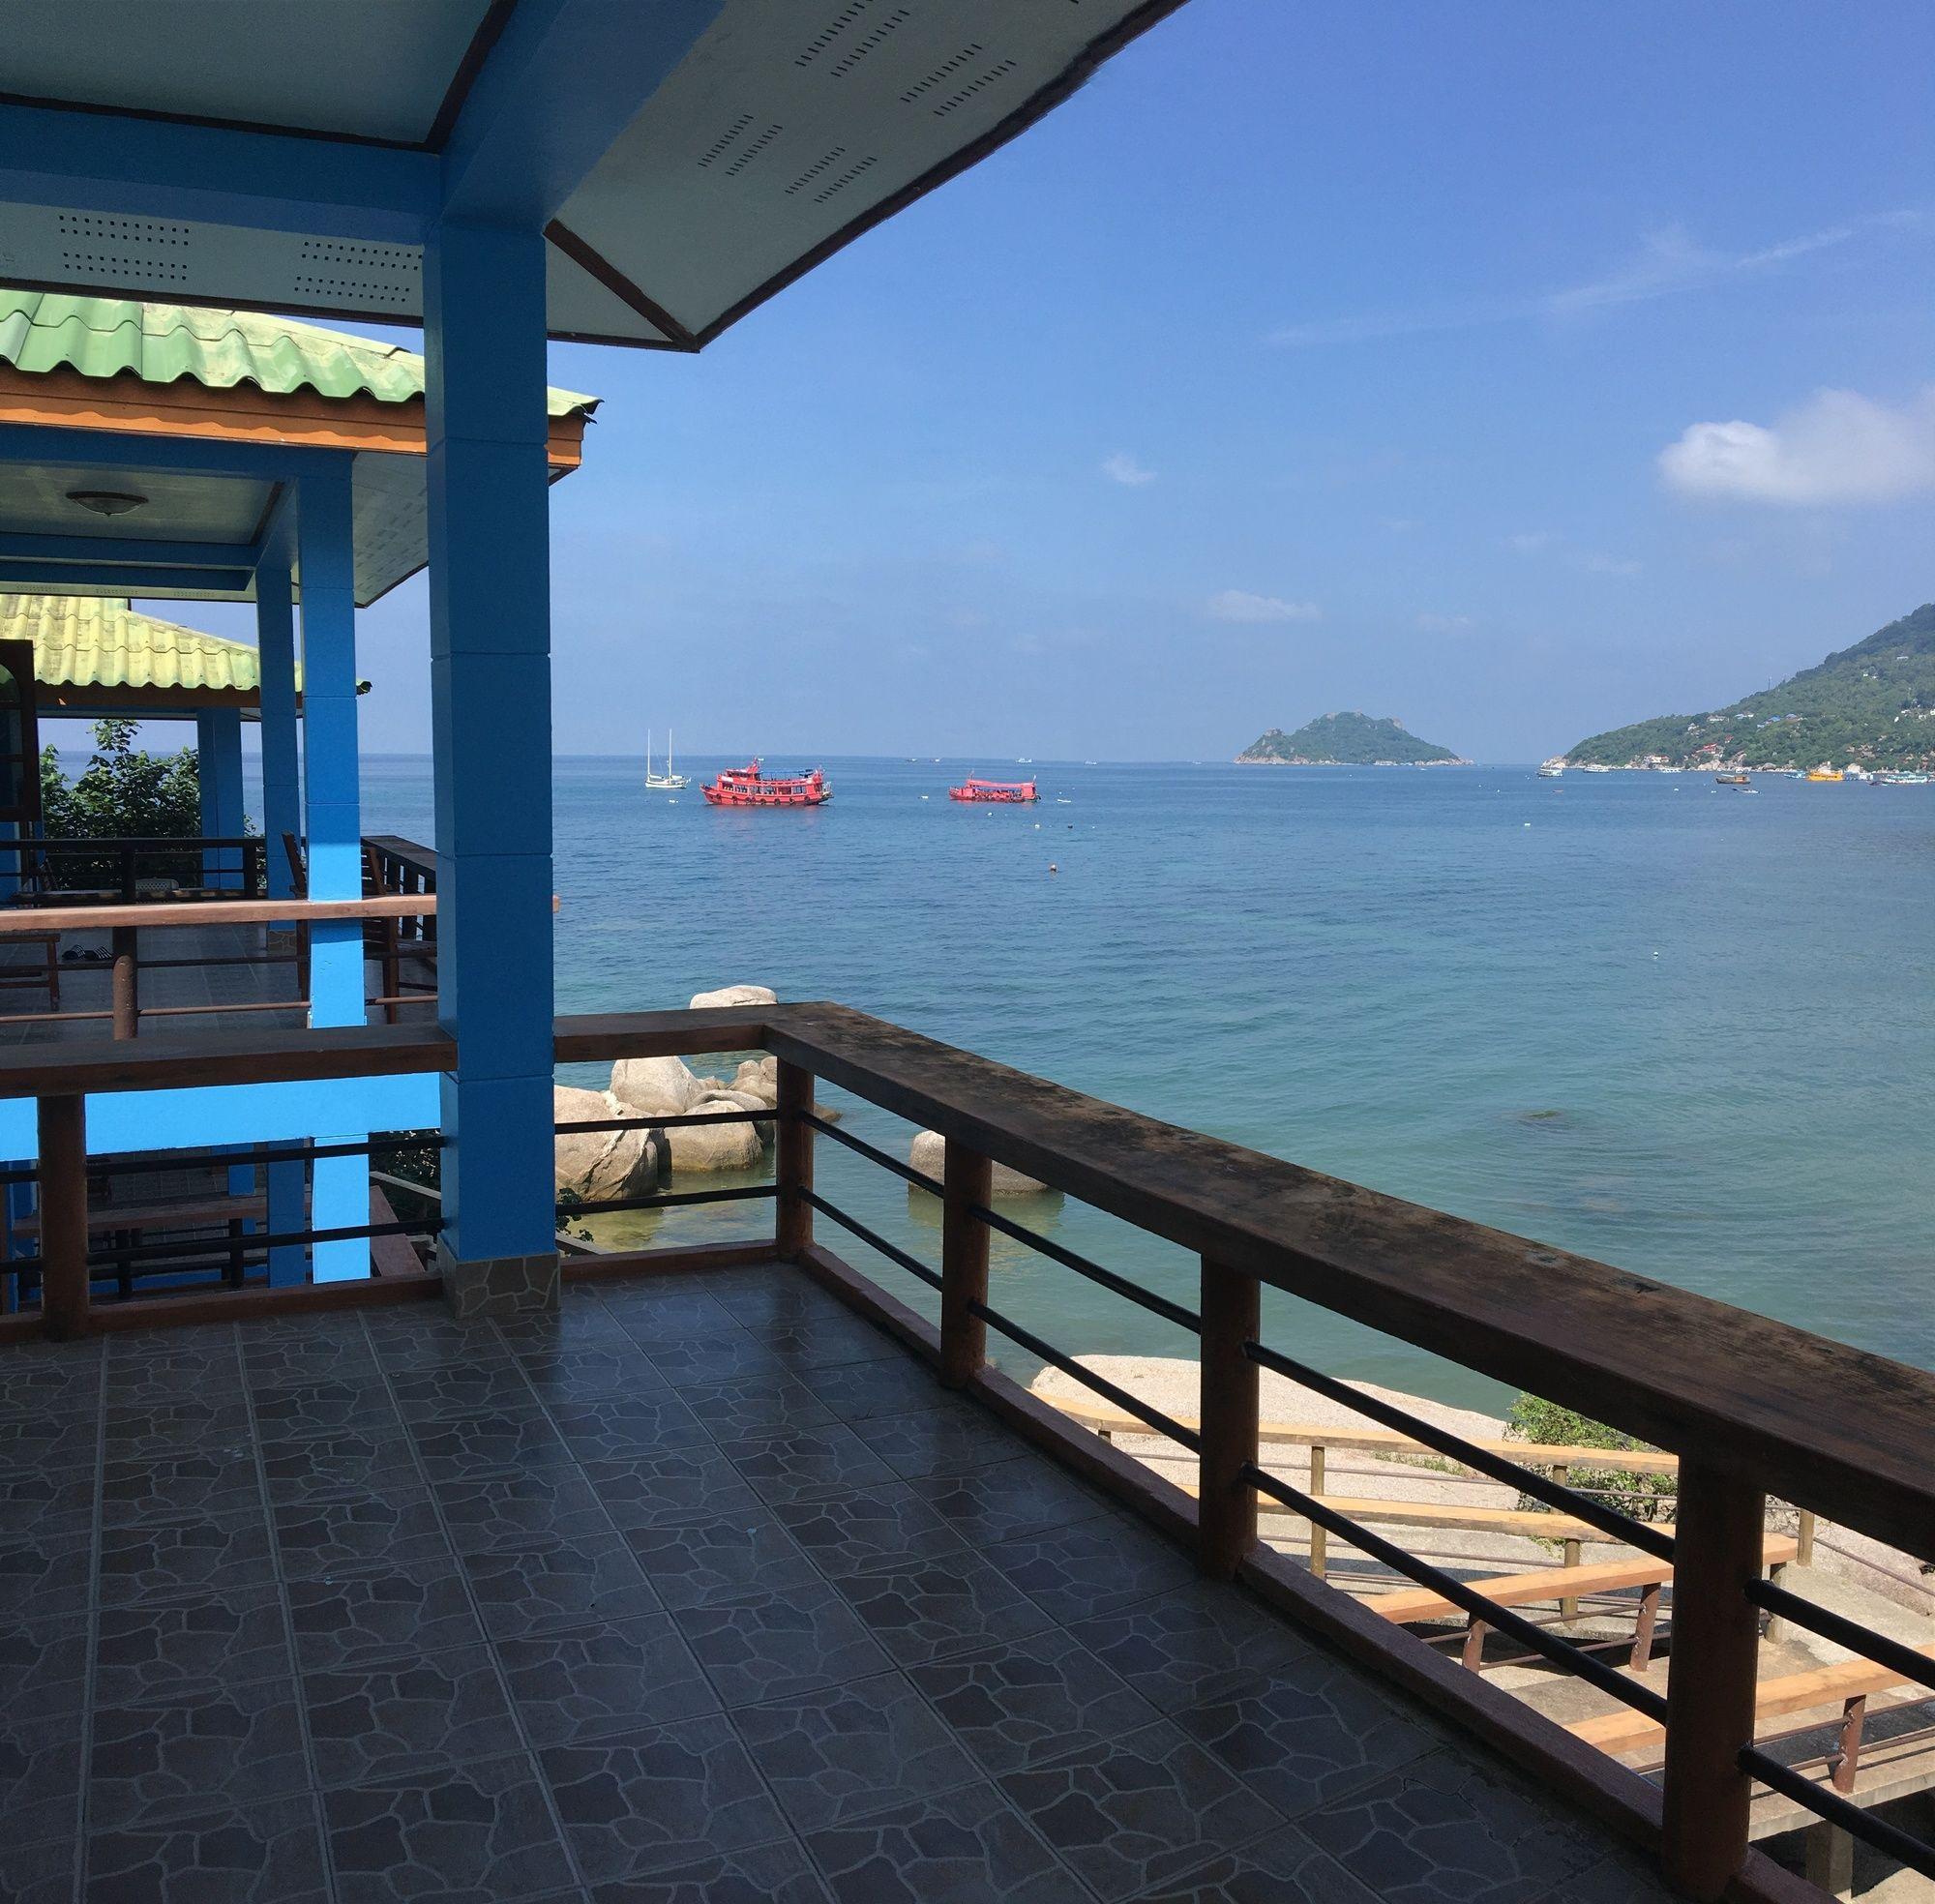 Ocean View Resort Koh Tao